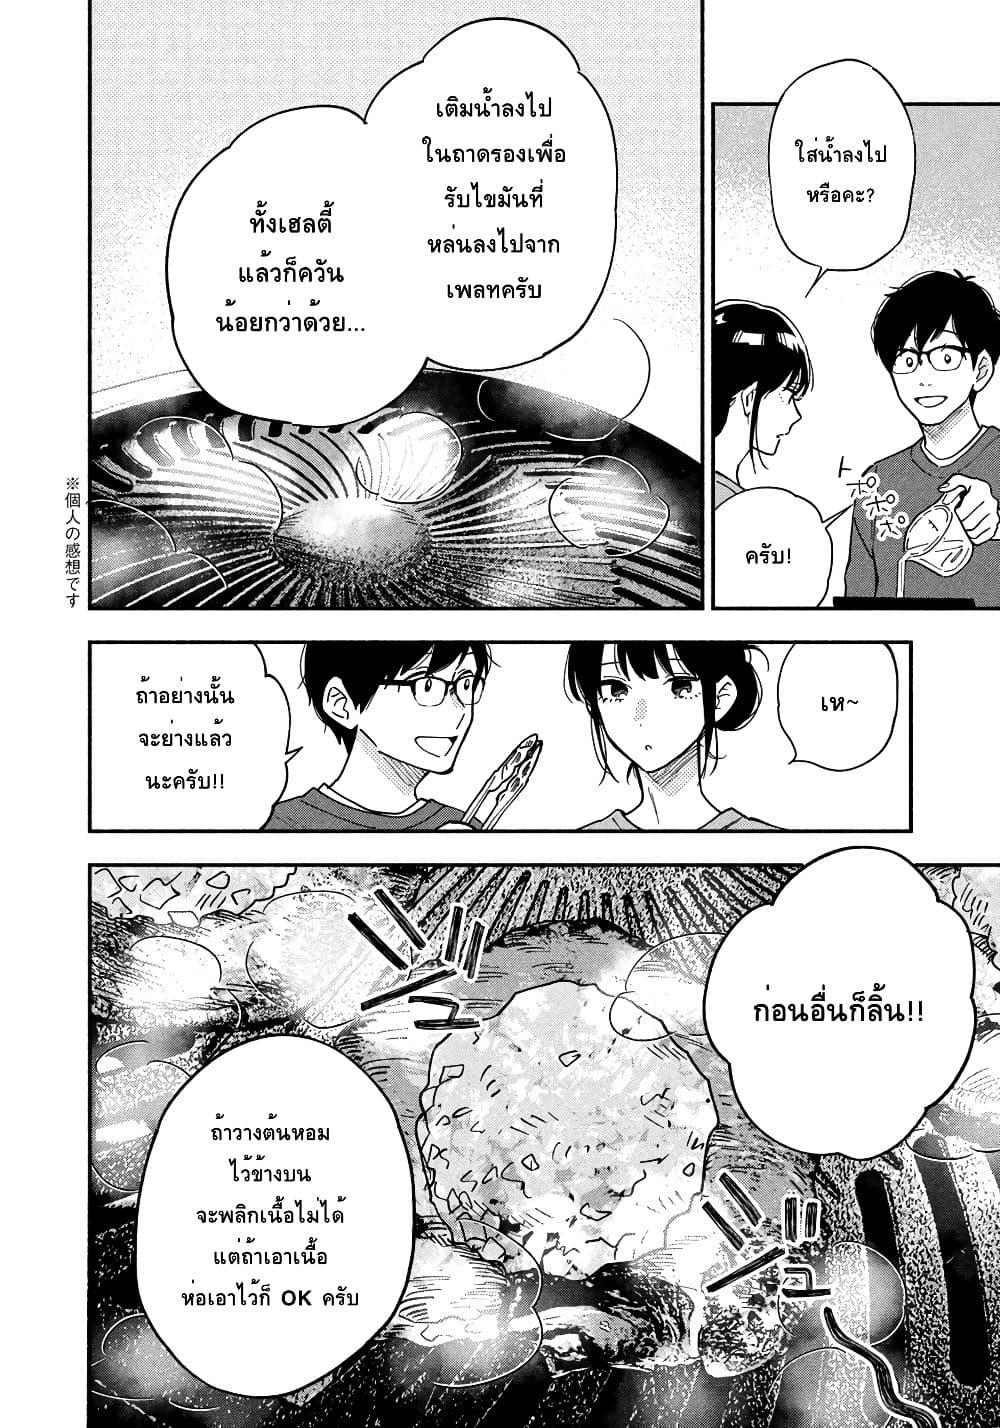 อ่านการ์ตูน Yaiteru Futari ตอนที่ 9 หน้าที่ 8